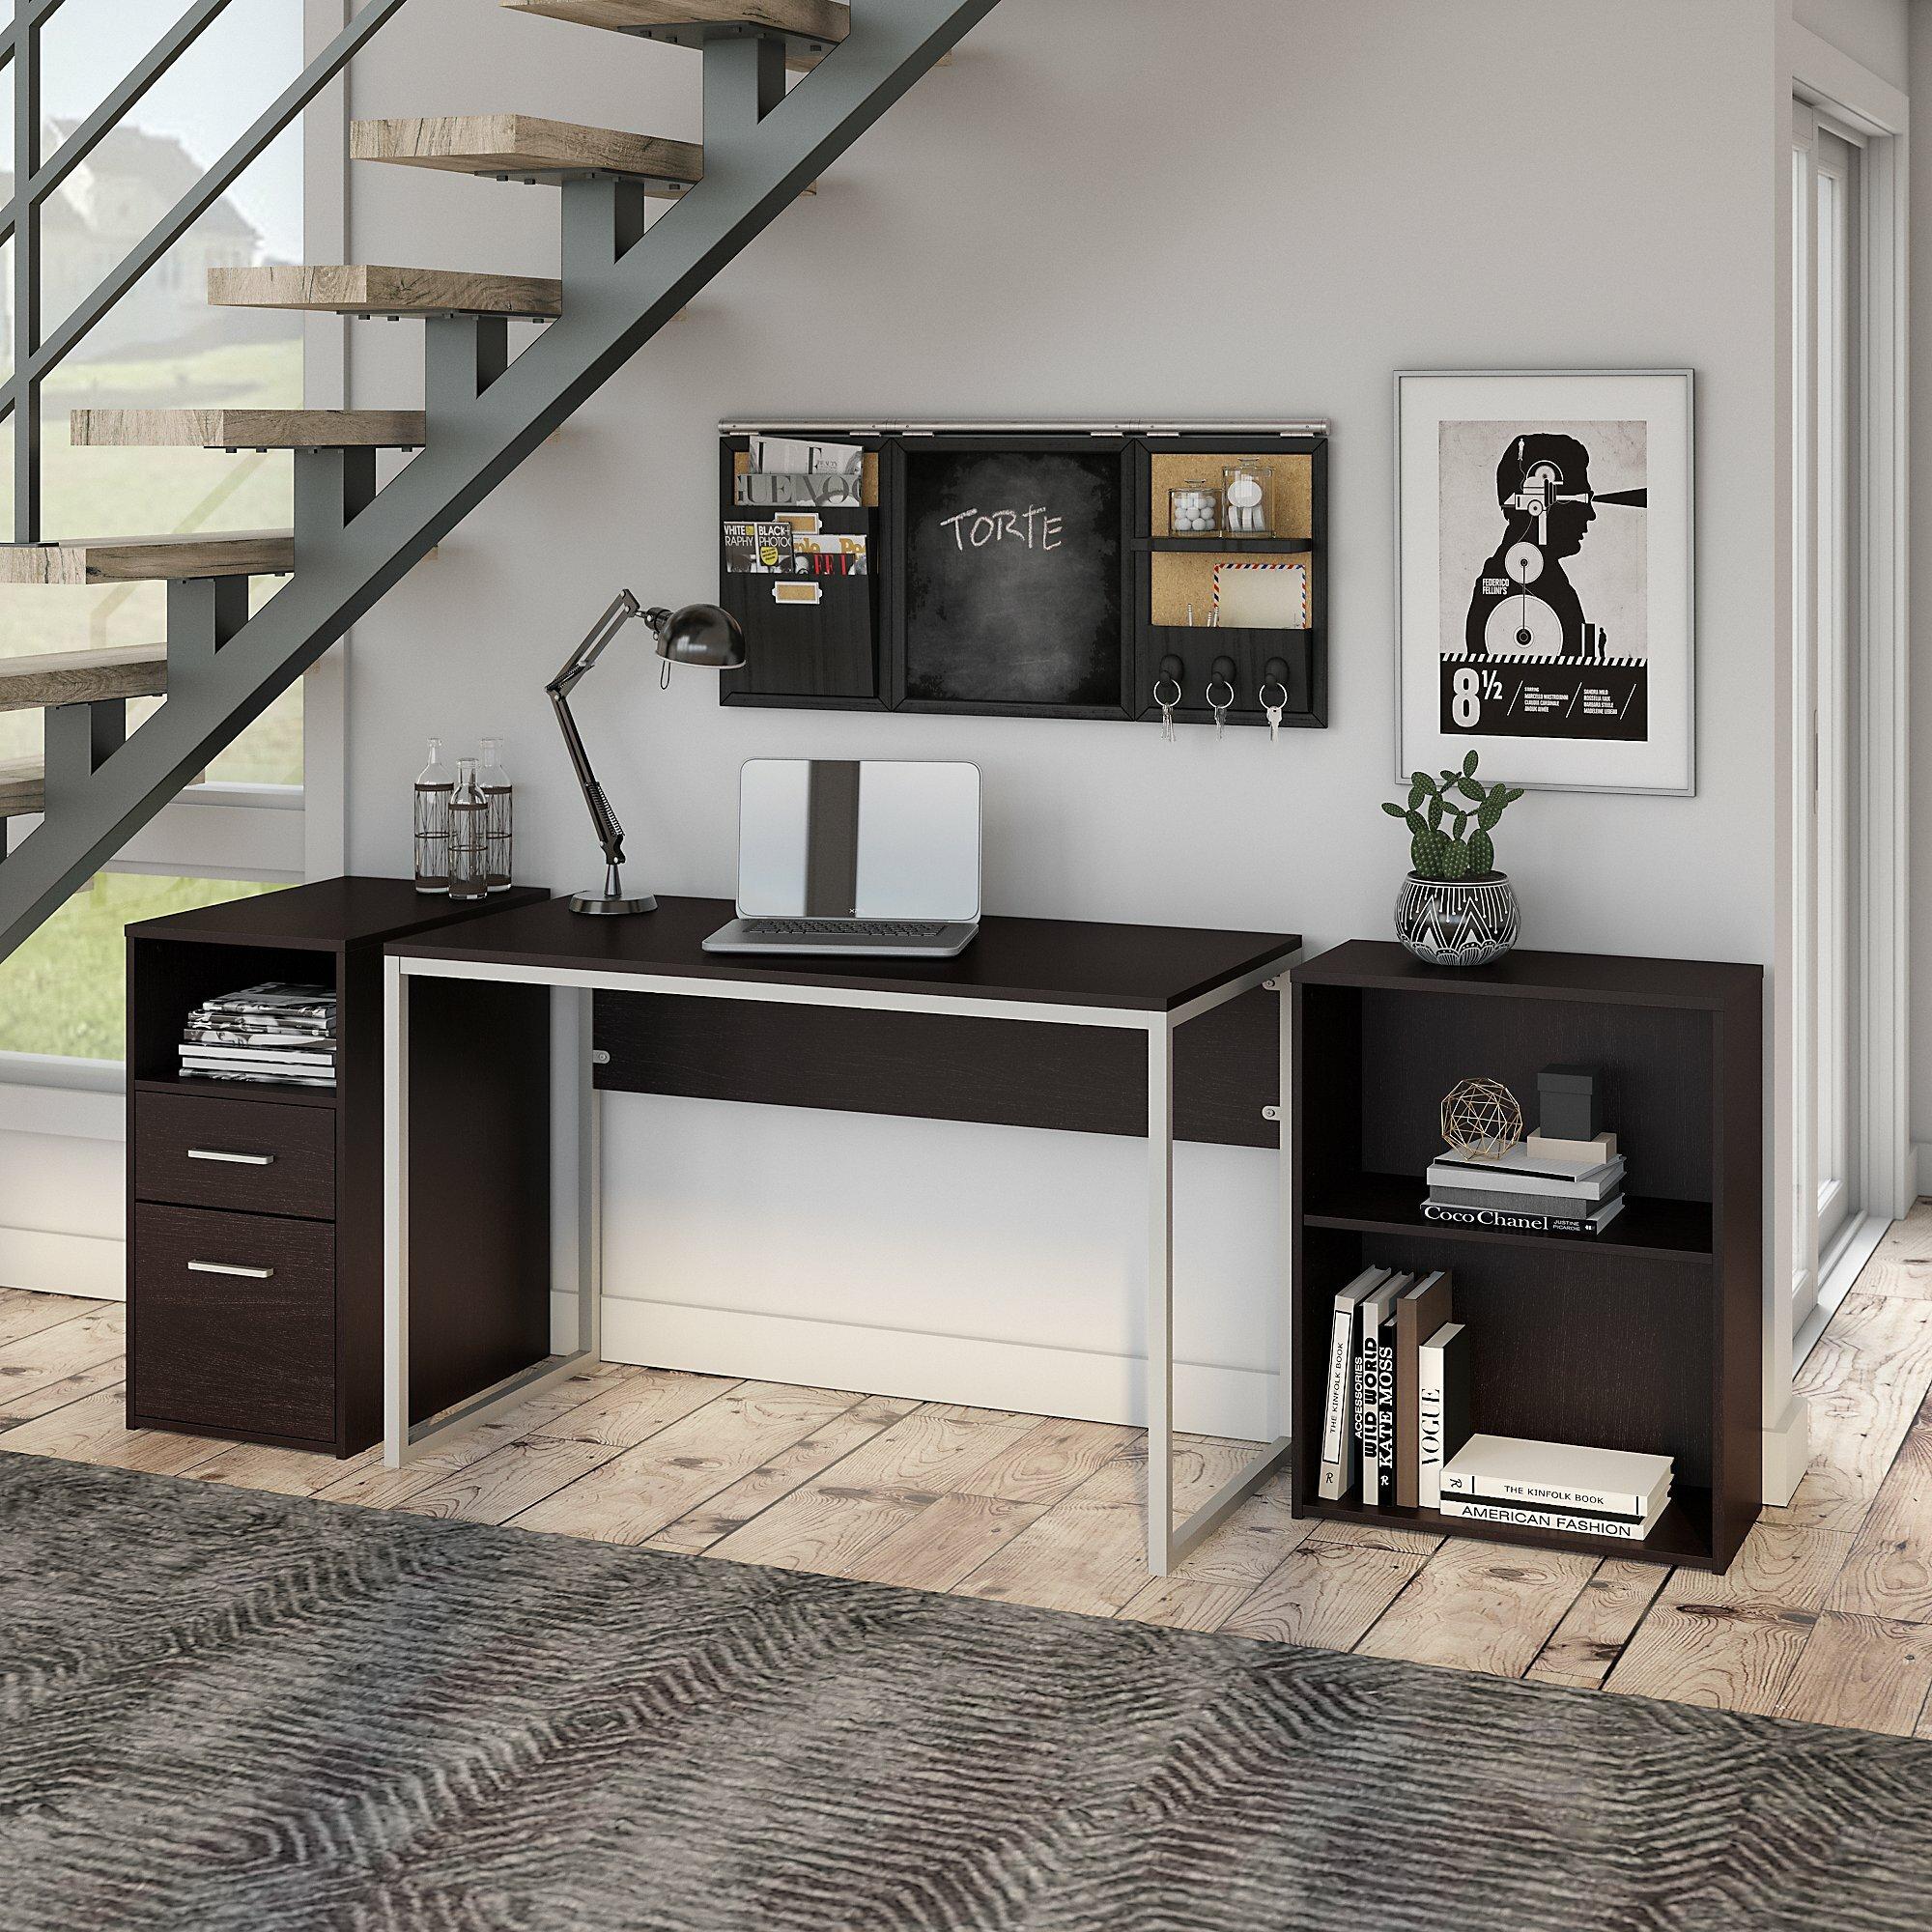 Symple Stuff Hesse Small Desk Bookcase